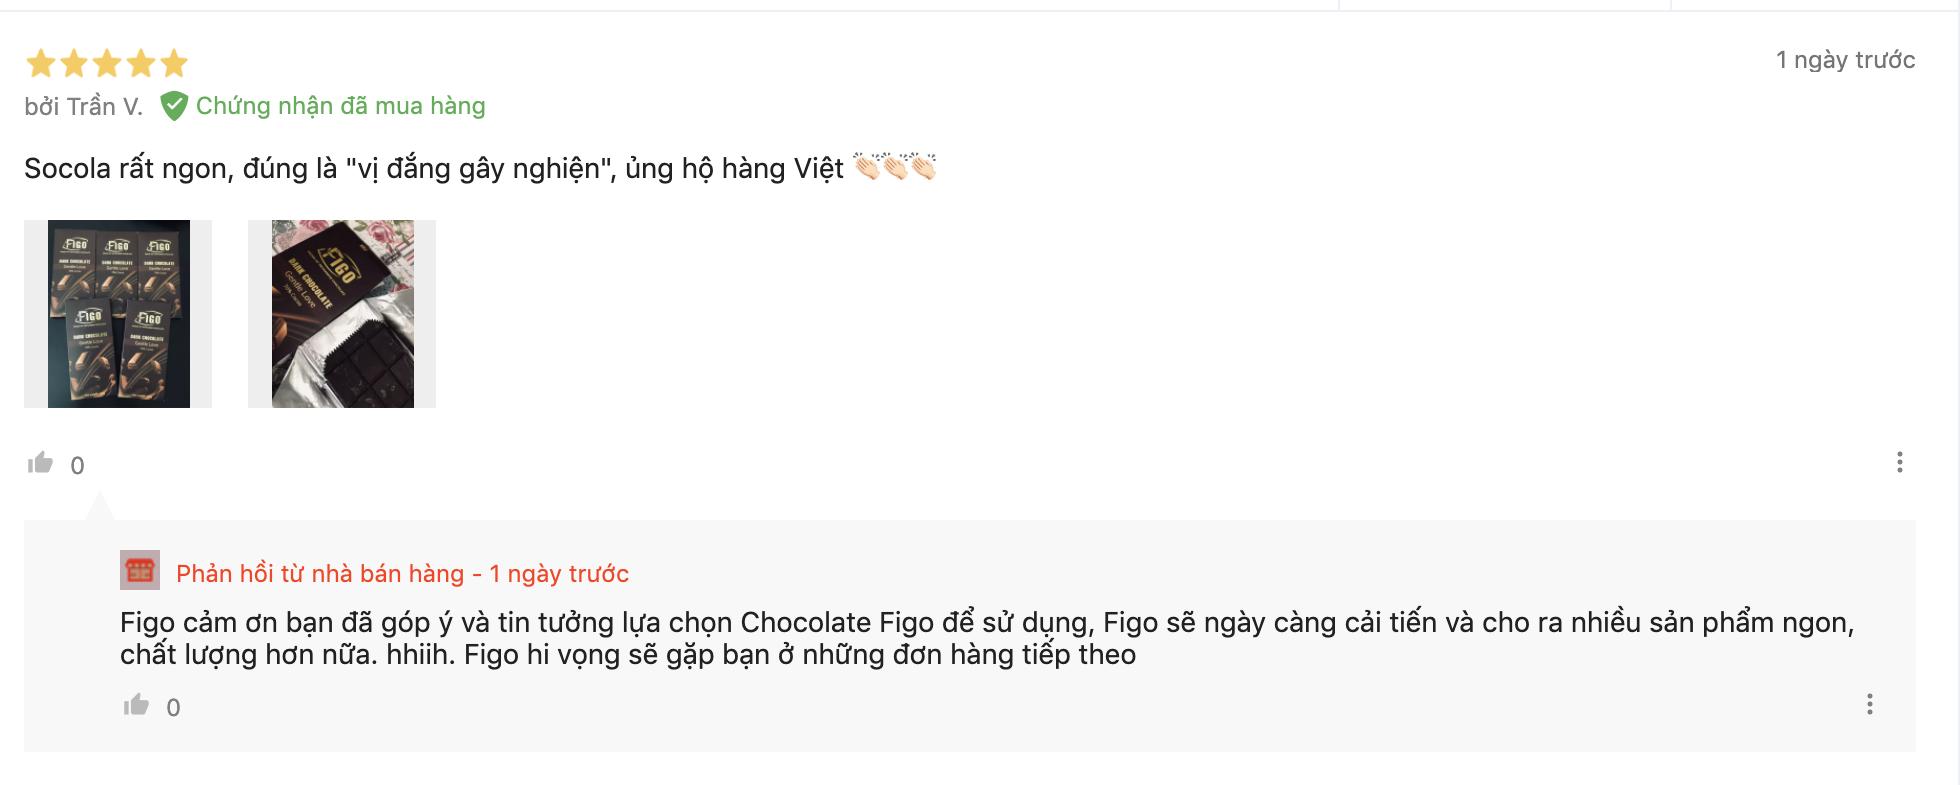 Có một loại chocolate made in Vietnam siêu ngon siêu nghiện nhất định bạn phải ăn một lần! - Ảnh 4.